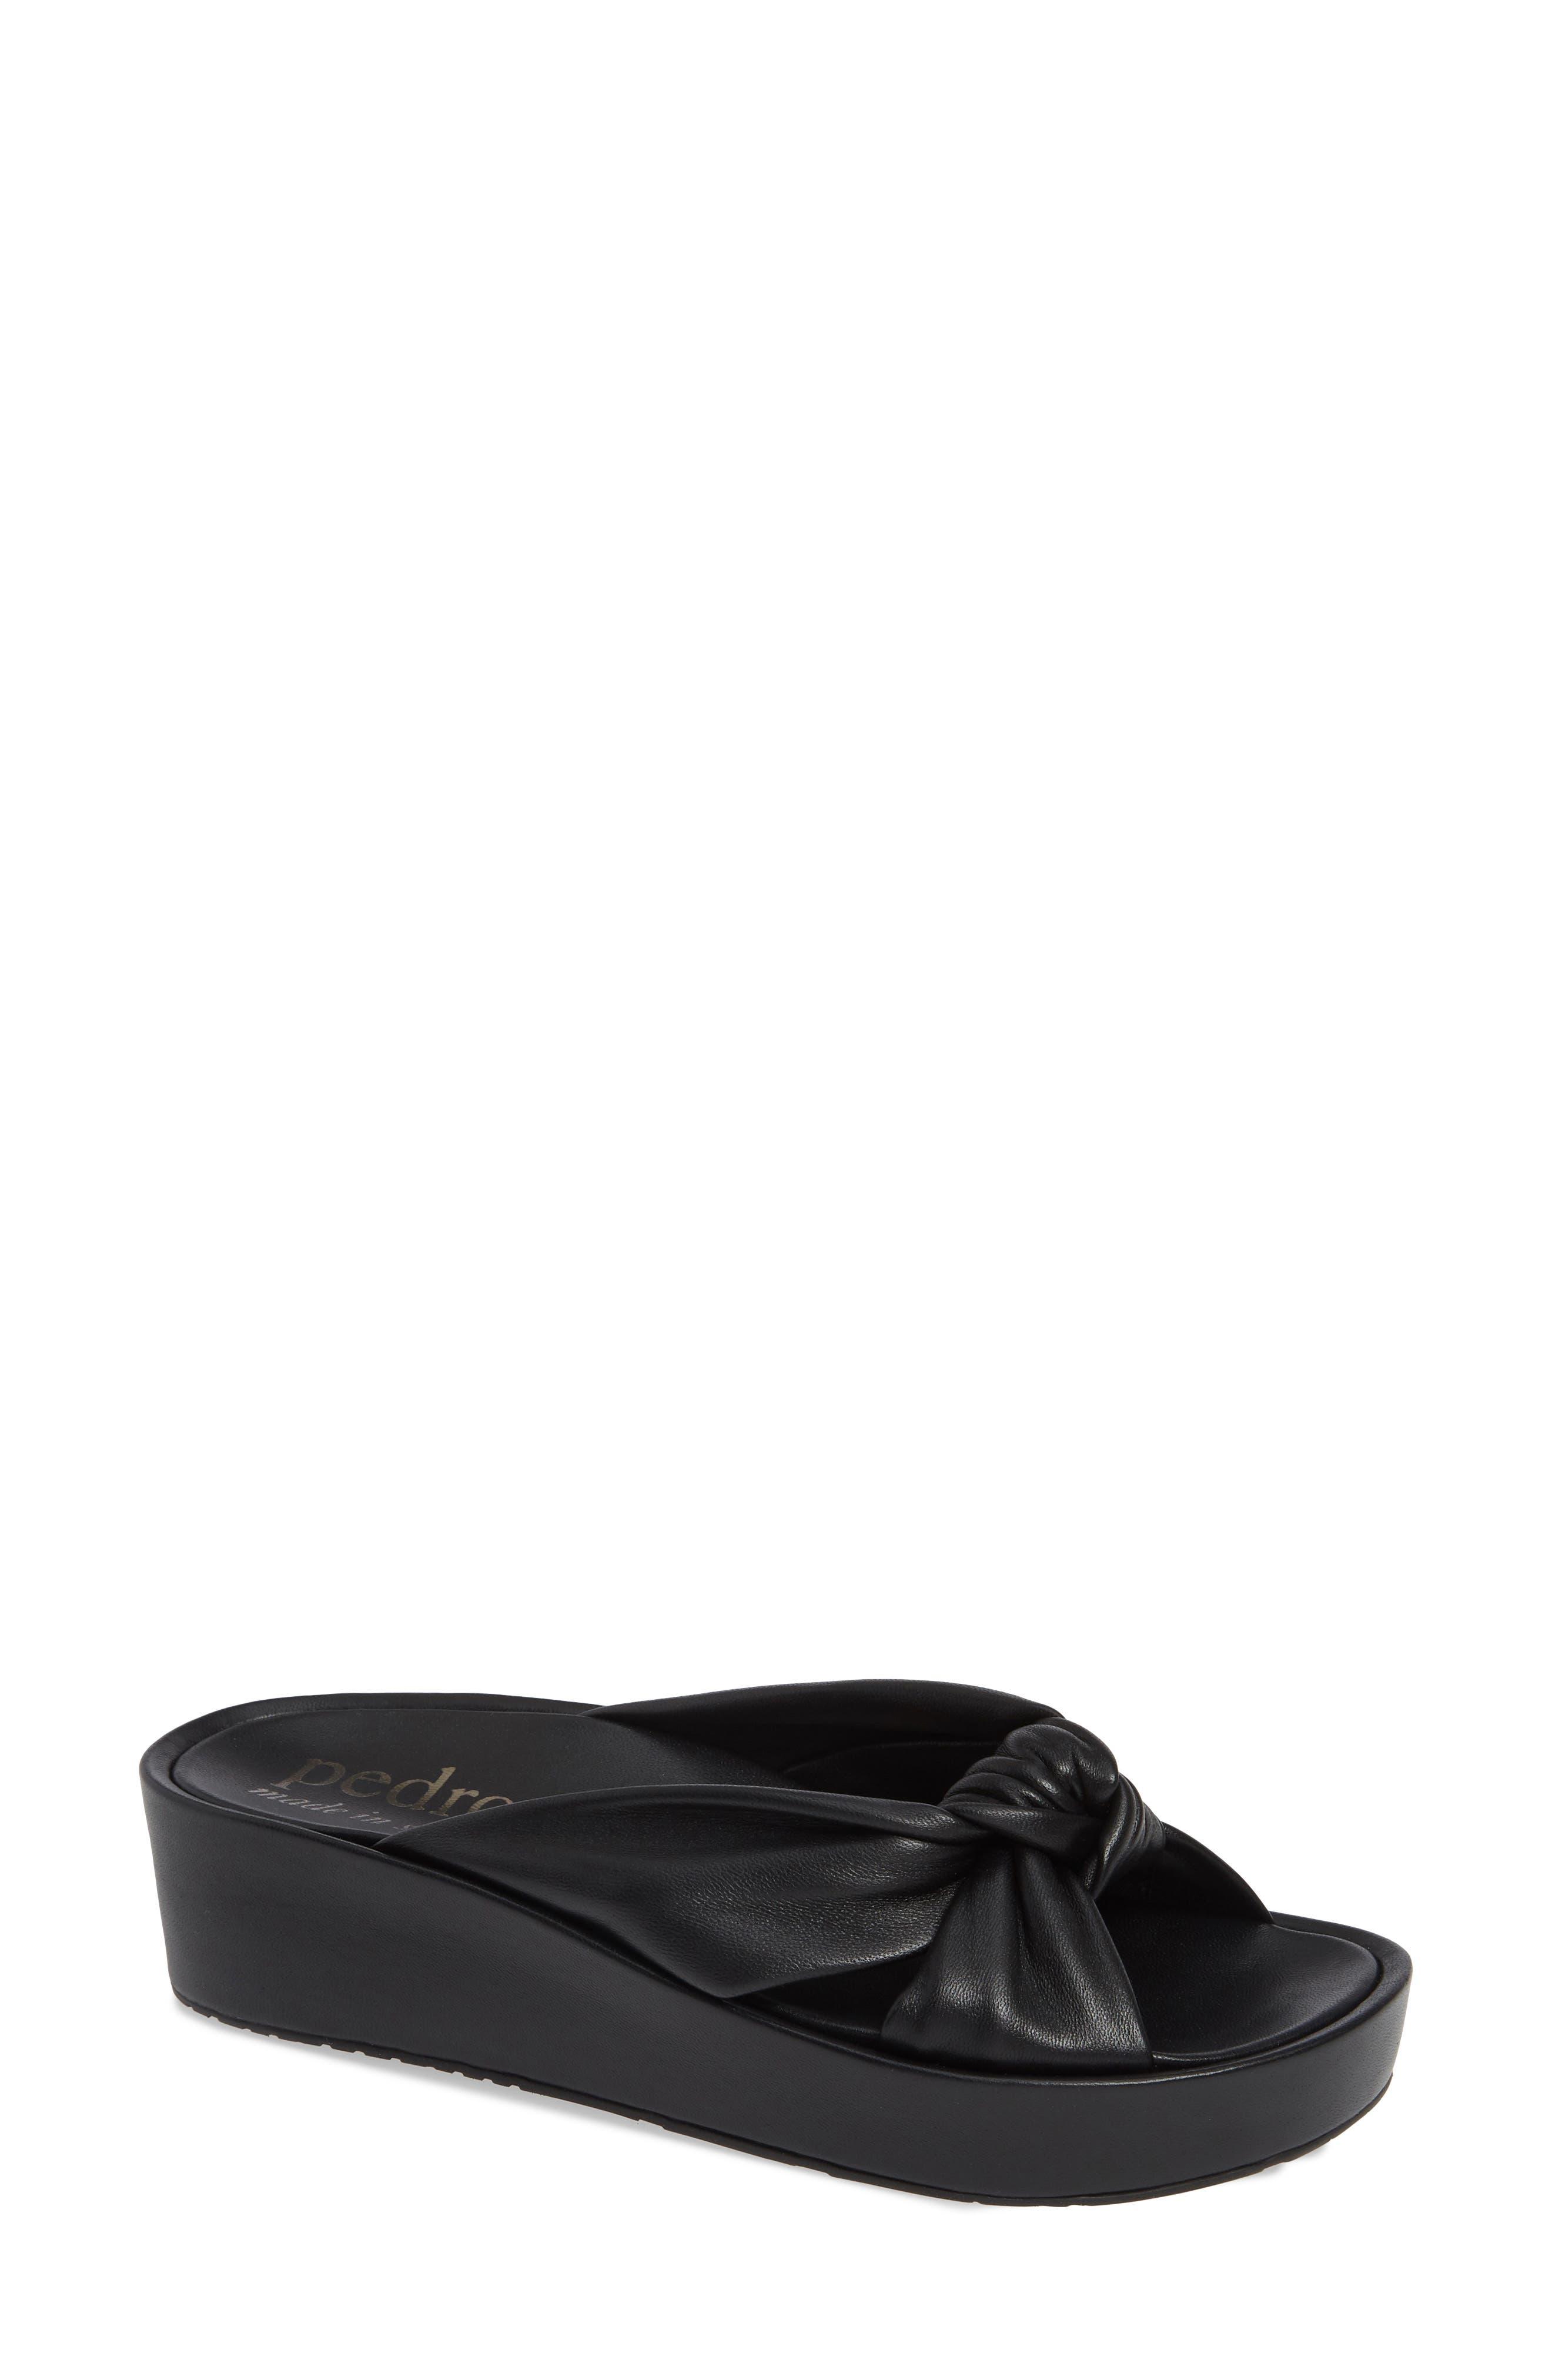 Lany Platform Slide Sandal, Main, color, BLACK LEATHER